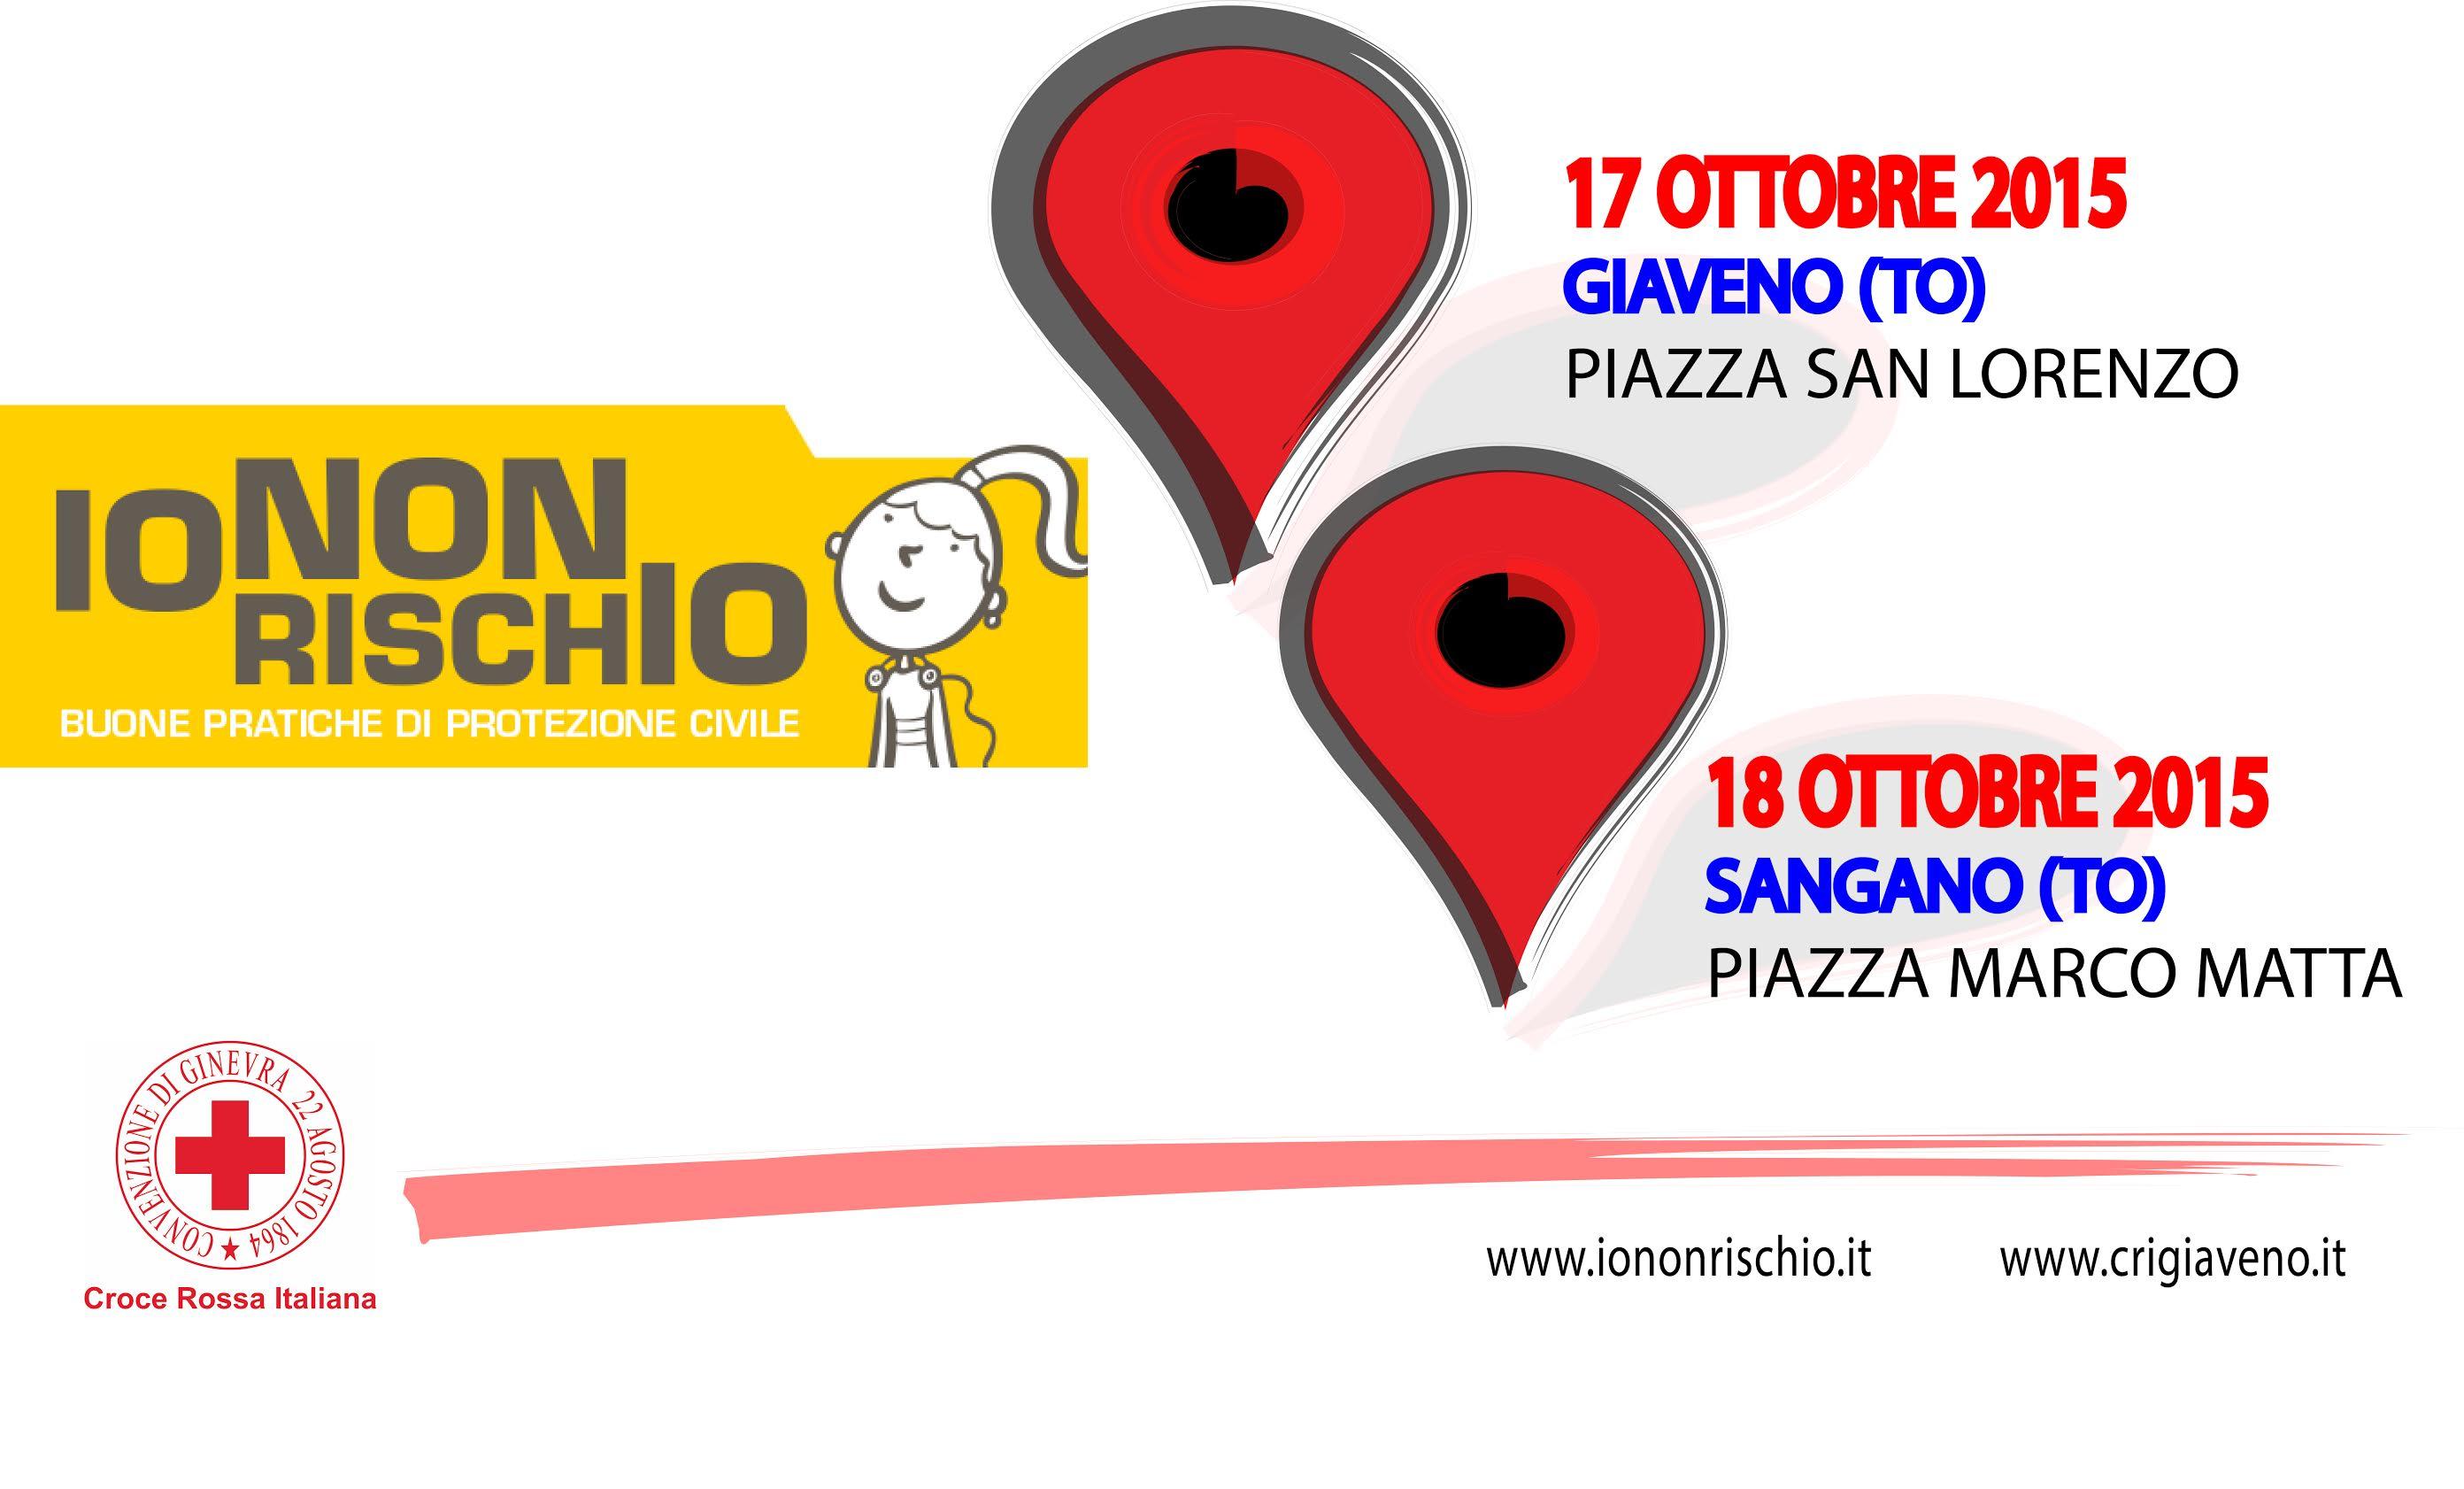 IO NON RISCHIO –  Campagna di buone pratiche di protezione civile – Giaveno sabato 17 ottobre 2015